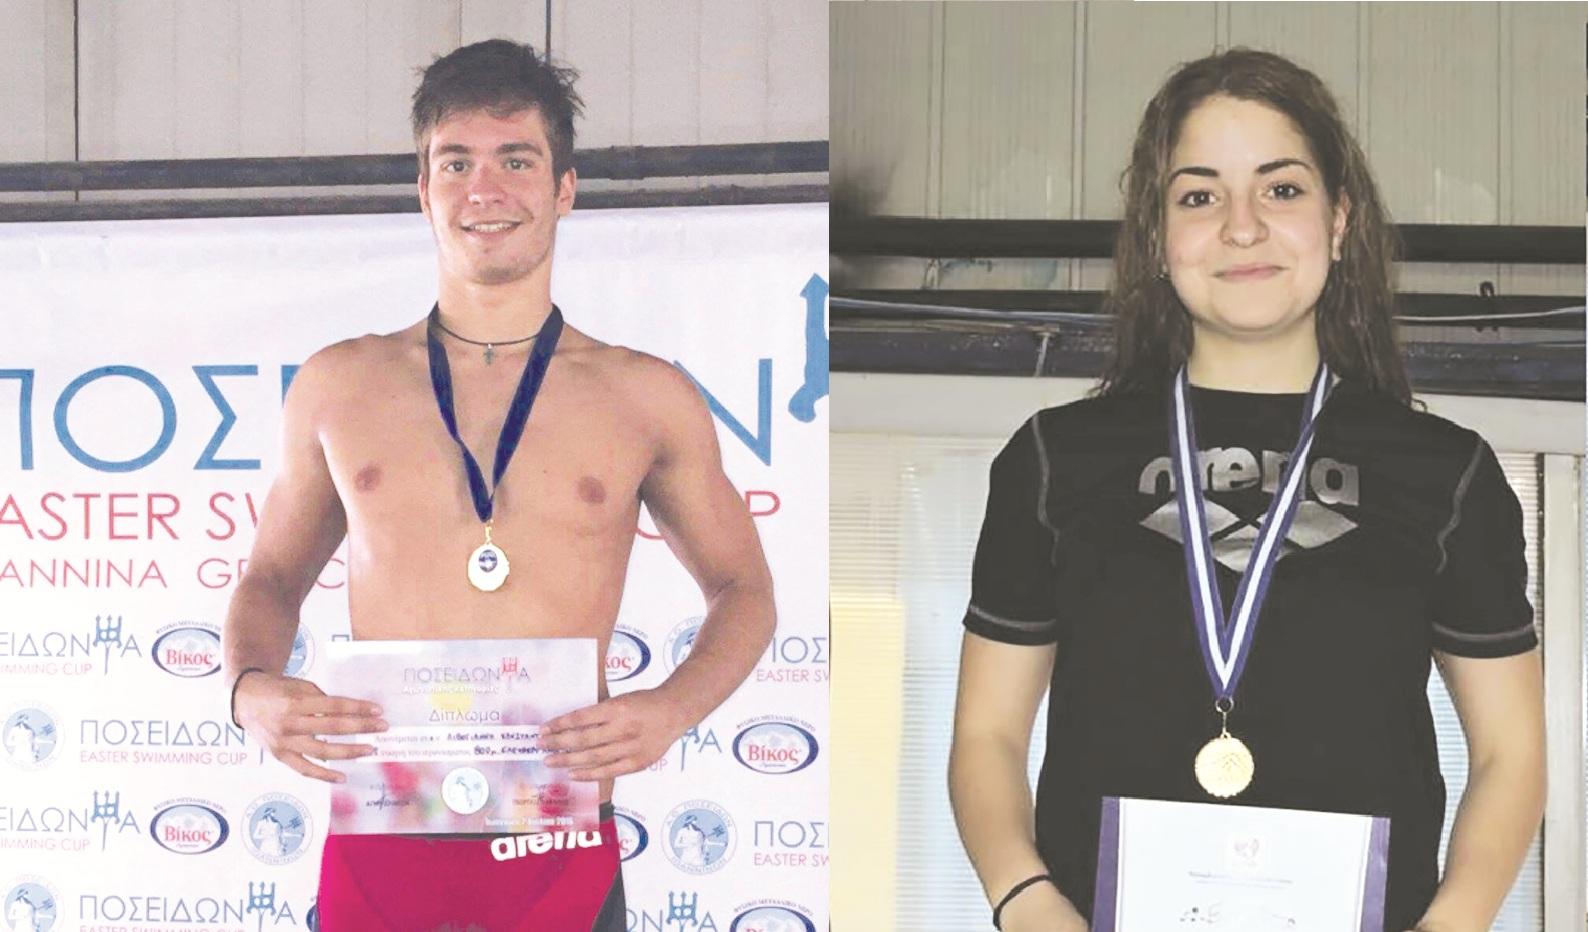 Επιτυχίες για Λιβογιάννη  και Απλαντή στην κολύμβηση